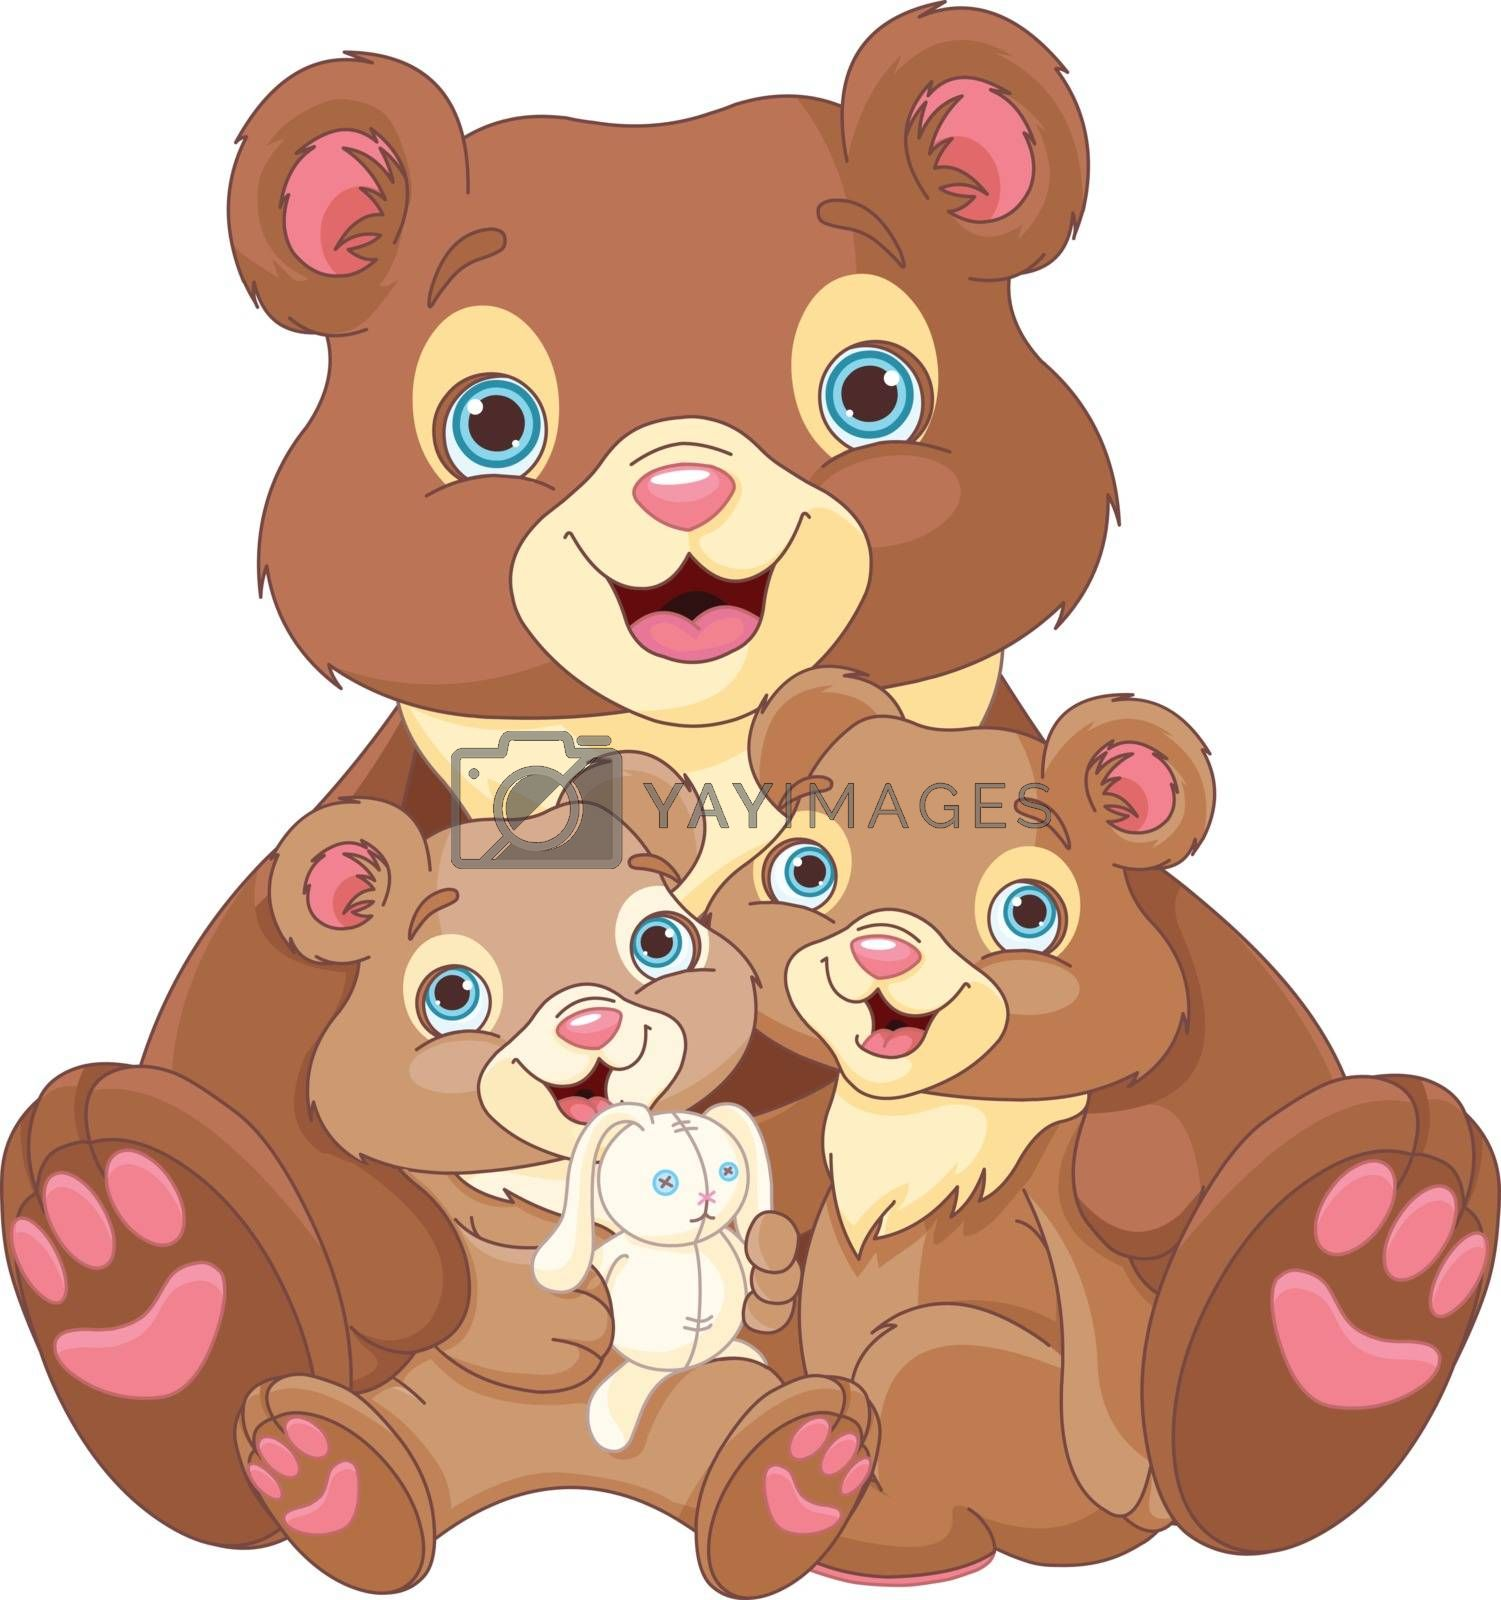 Royalty free image of Bear family by Dazdraperma